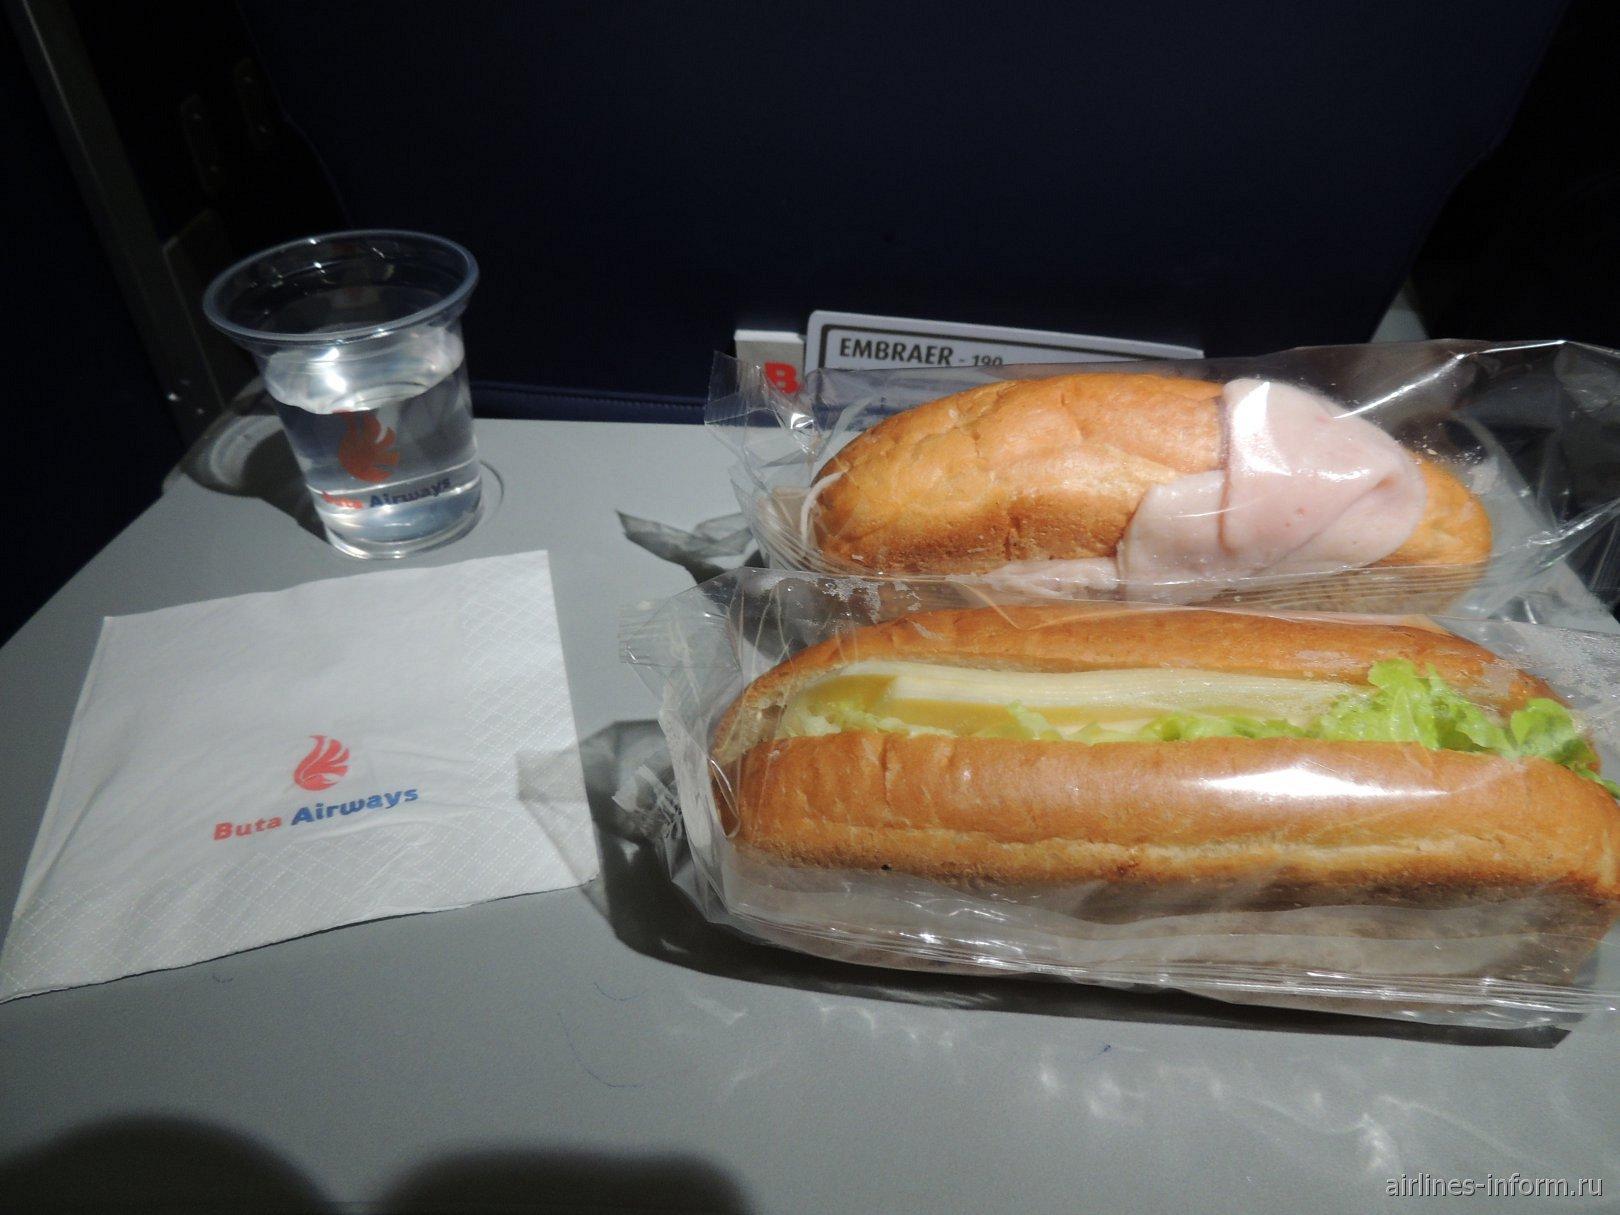 Бортовое питание на рейсе Buta Airways Москва-Баку